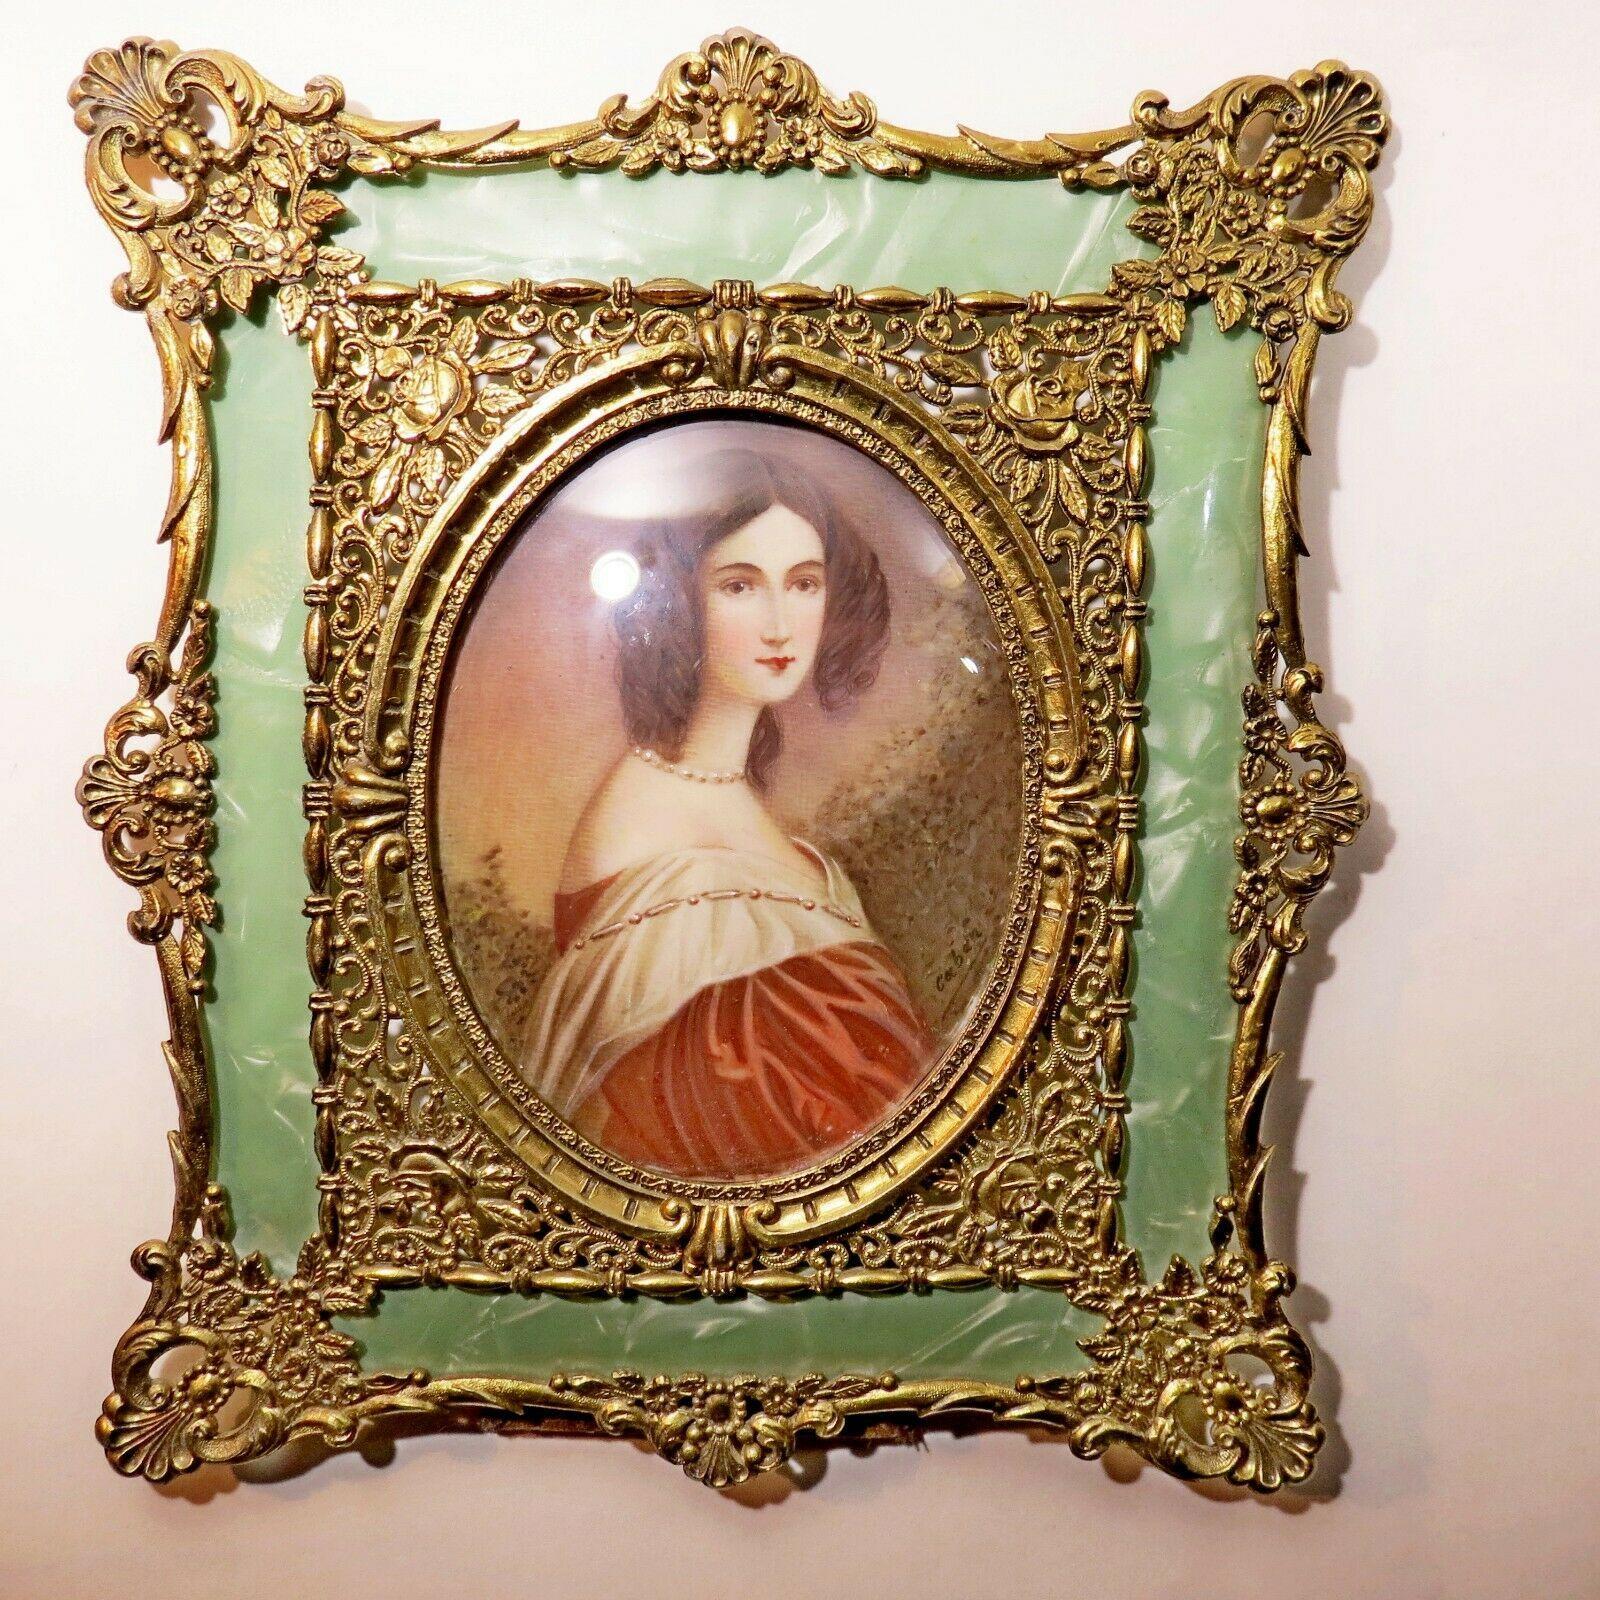 Antique Gold Lead Frame Celluloid Miniature Portrait Painting 1860 Cabán France